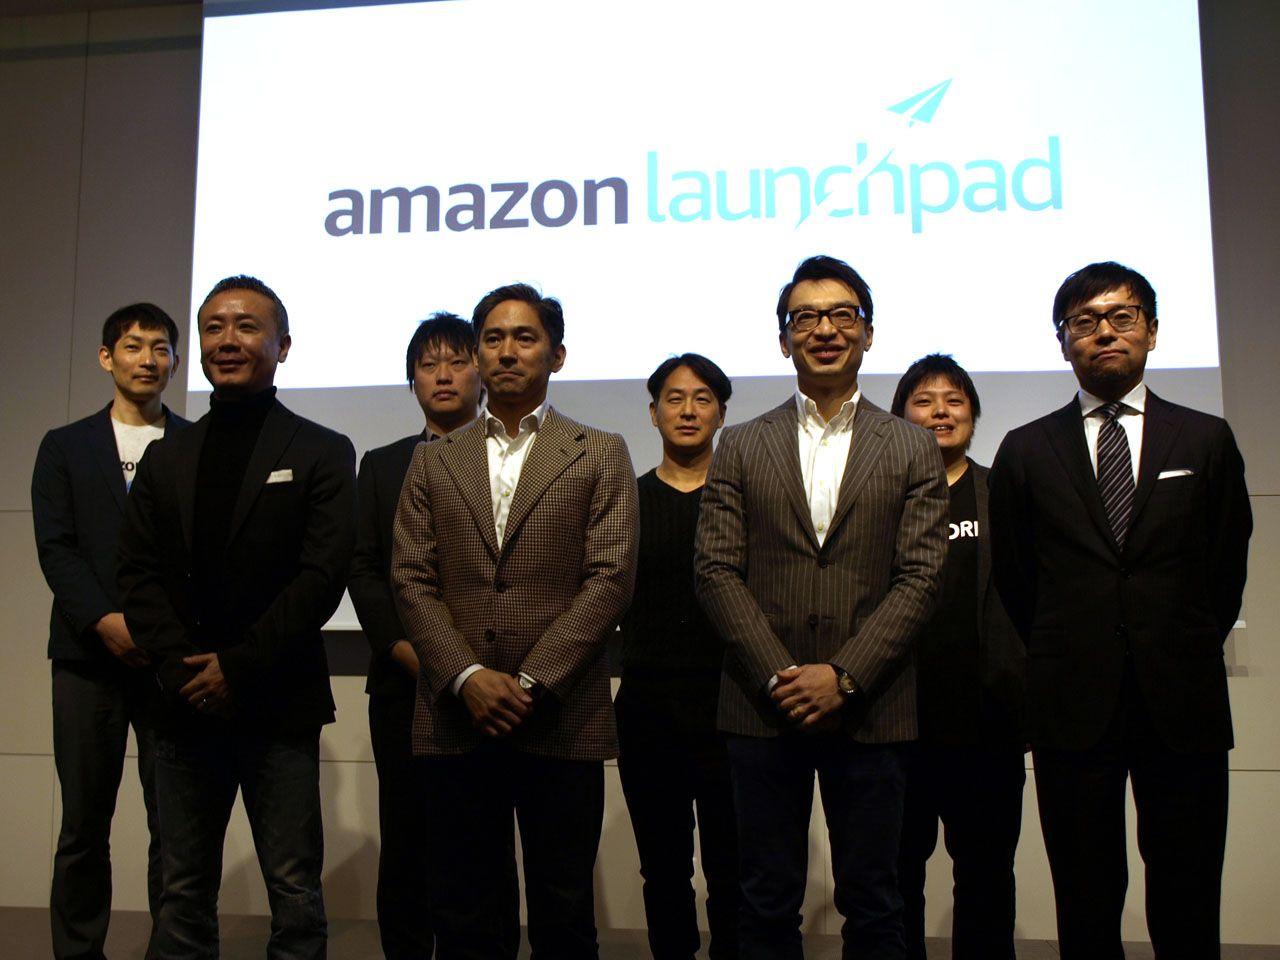 「Amazon Launchpadストア」オープン、スタートアップ企業のガジェットをラインアップ スタートアップ, 企業